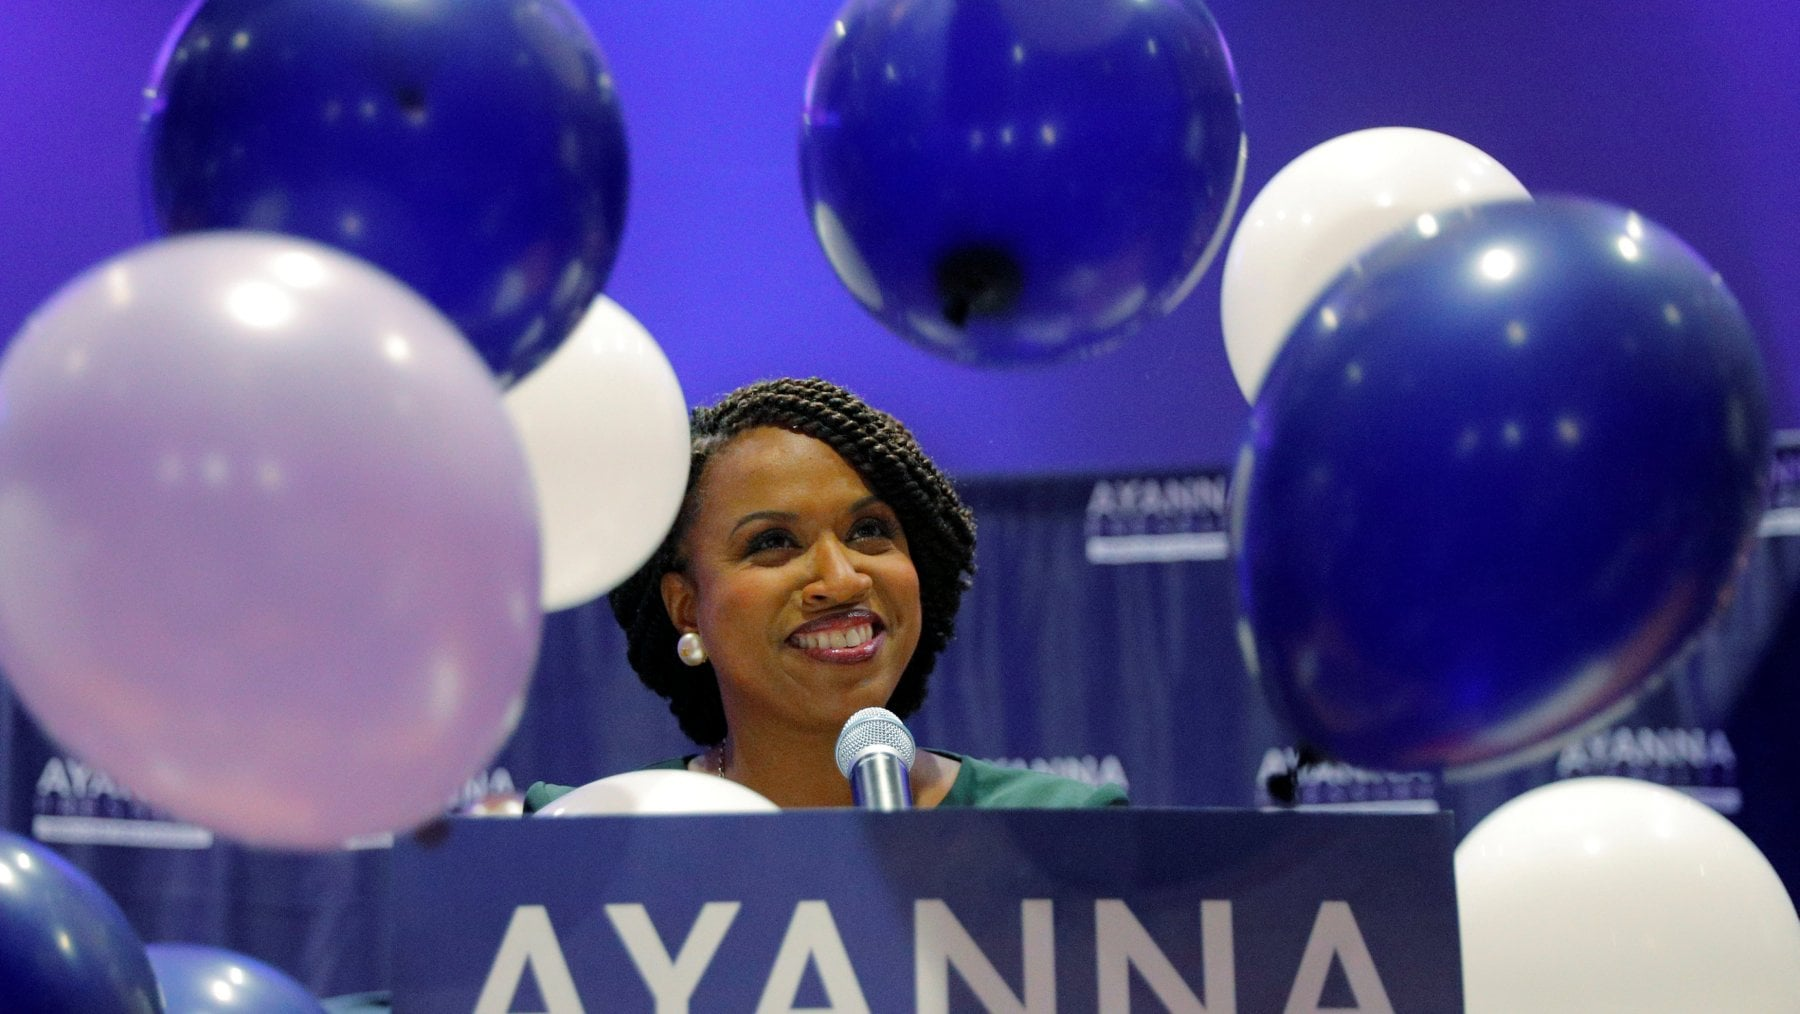 Usa, Obama entra in campagna elettorale: giovani, andate a votare